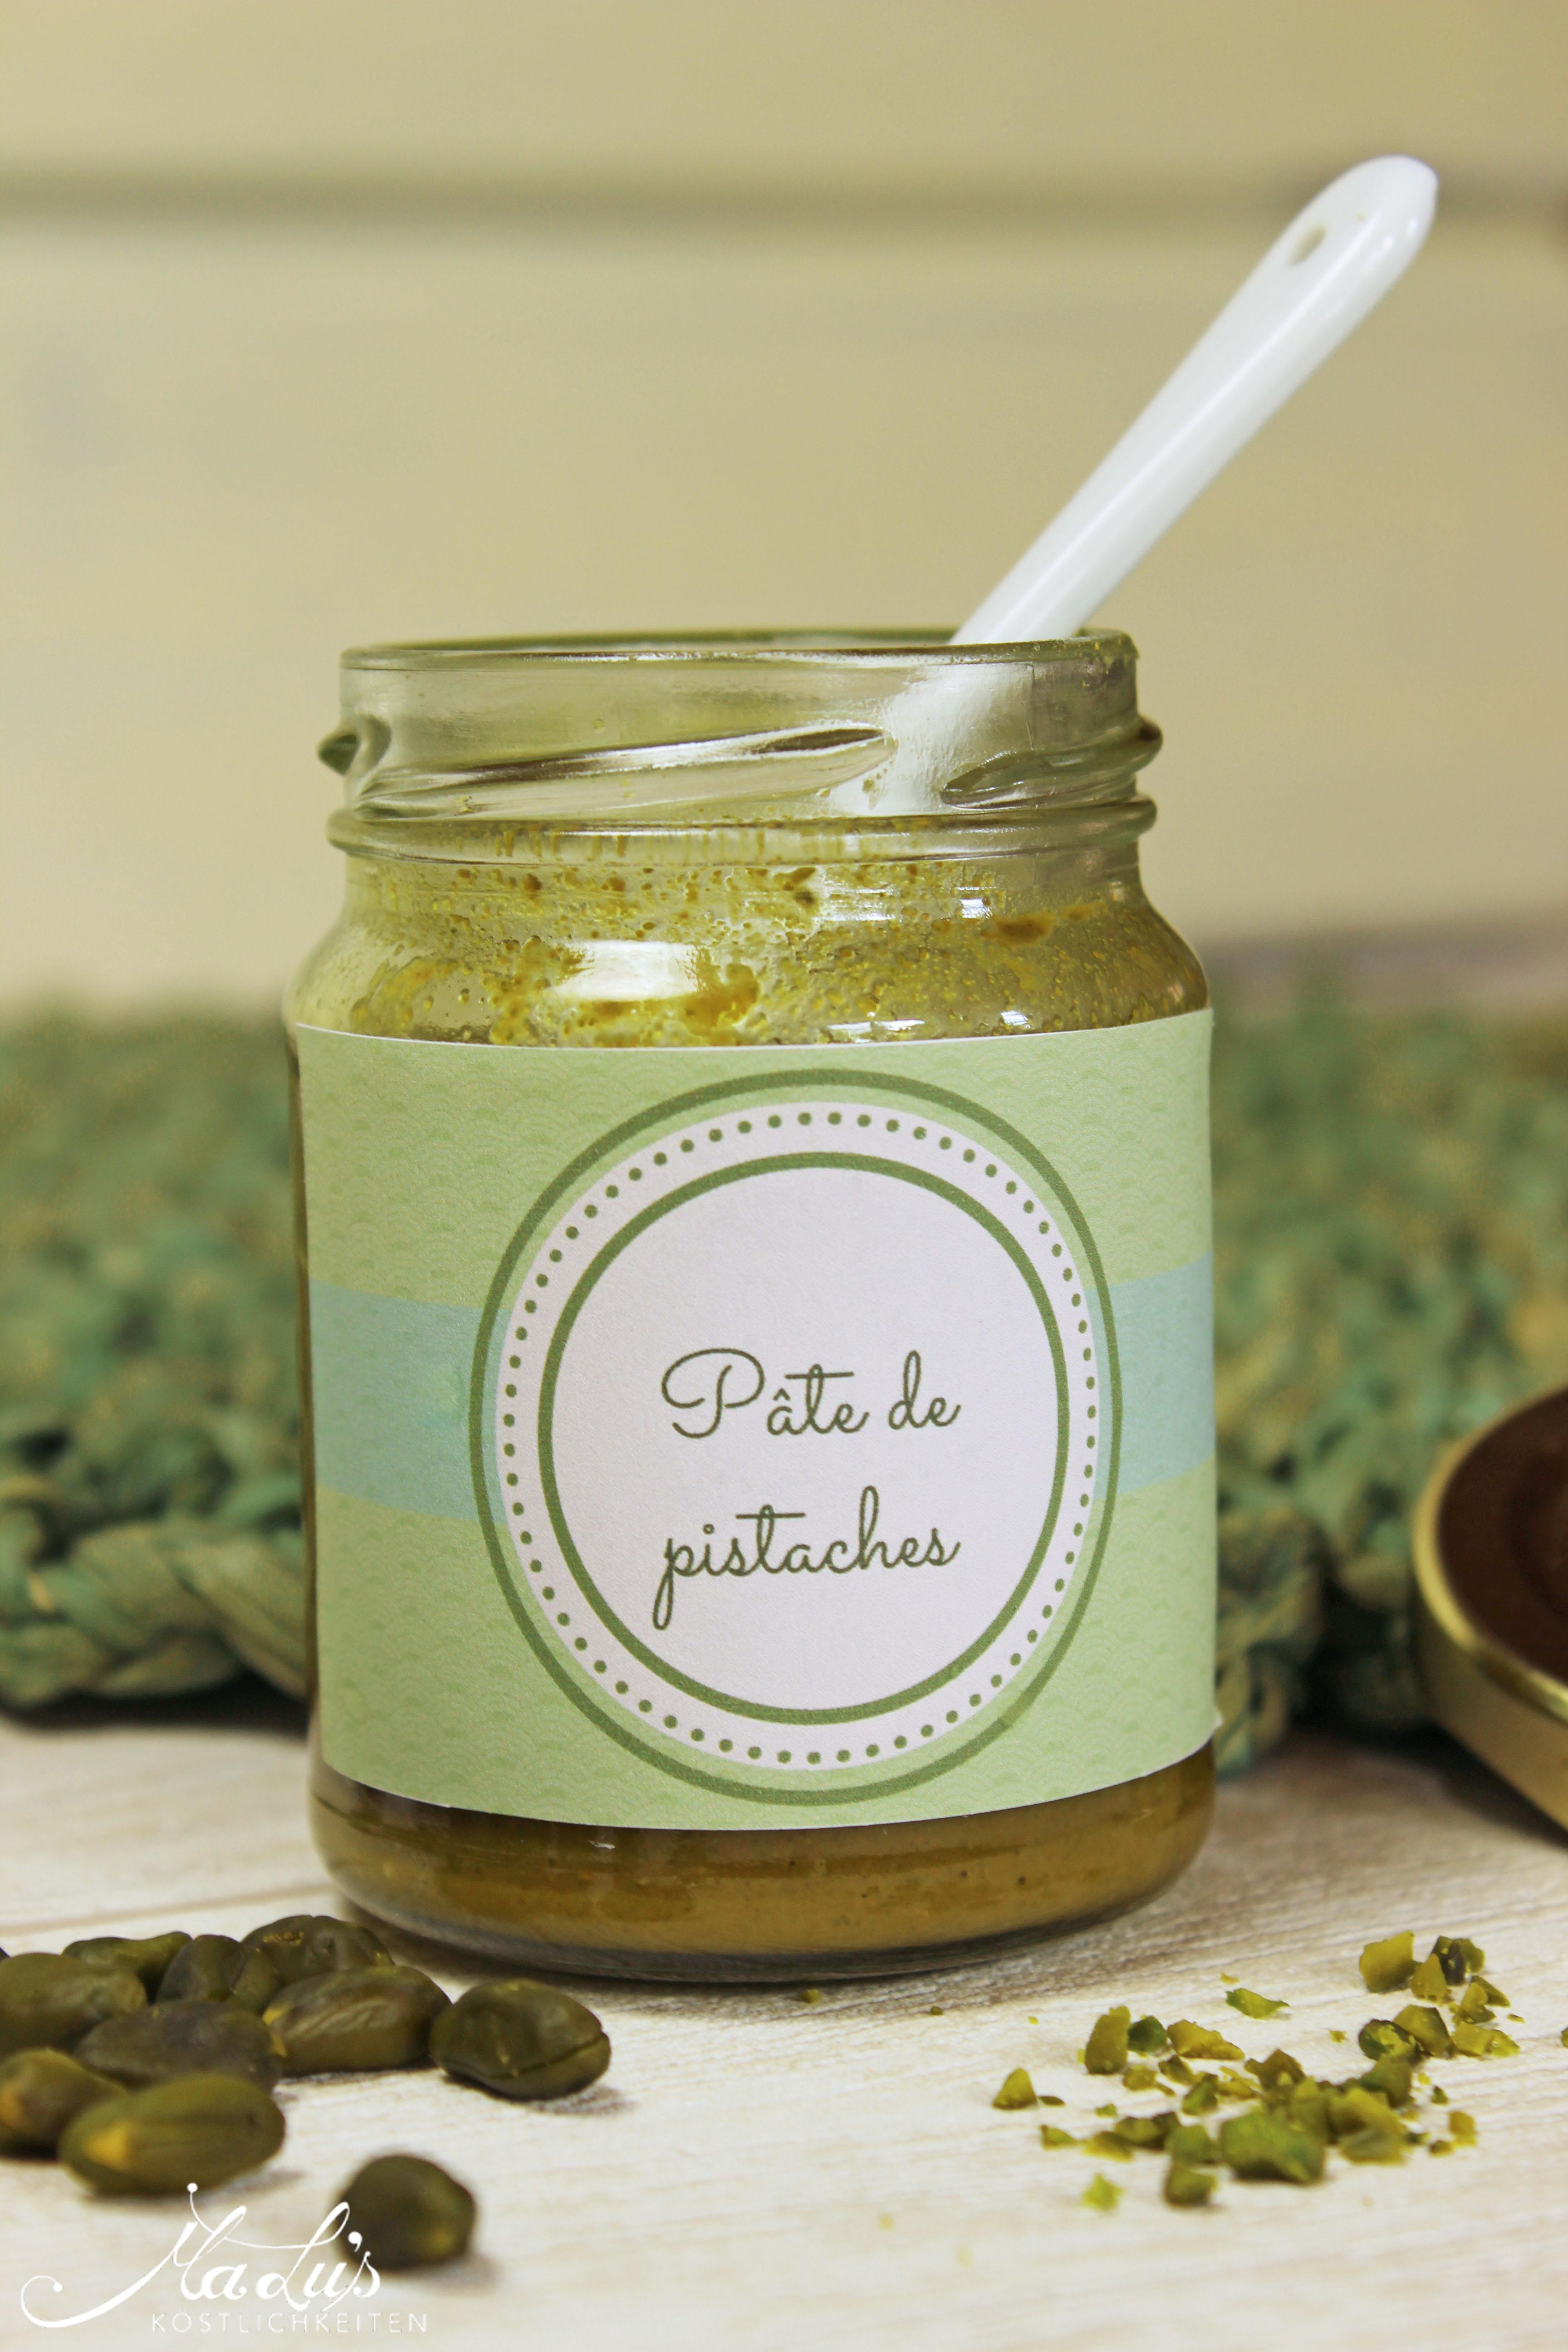 Pistazienpaste - Pâte de pistaches